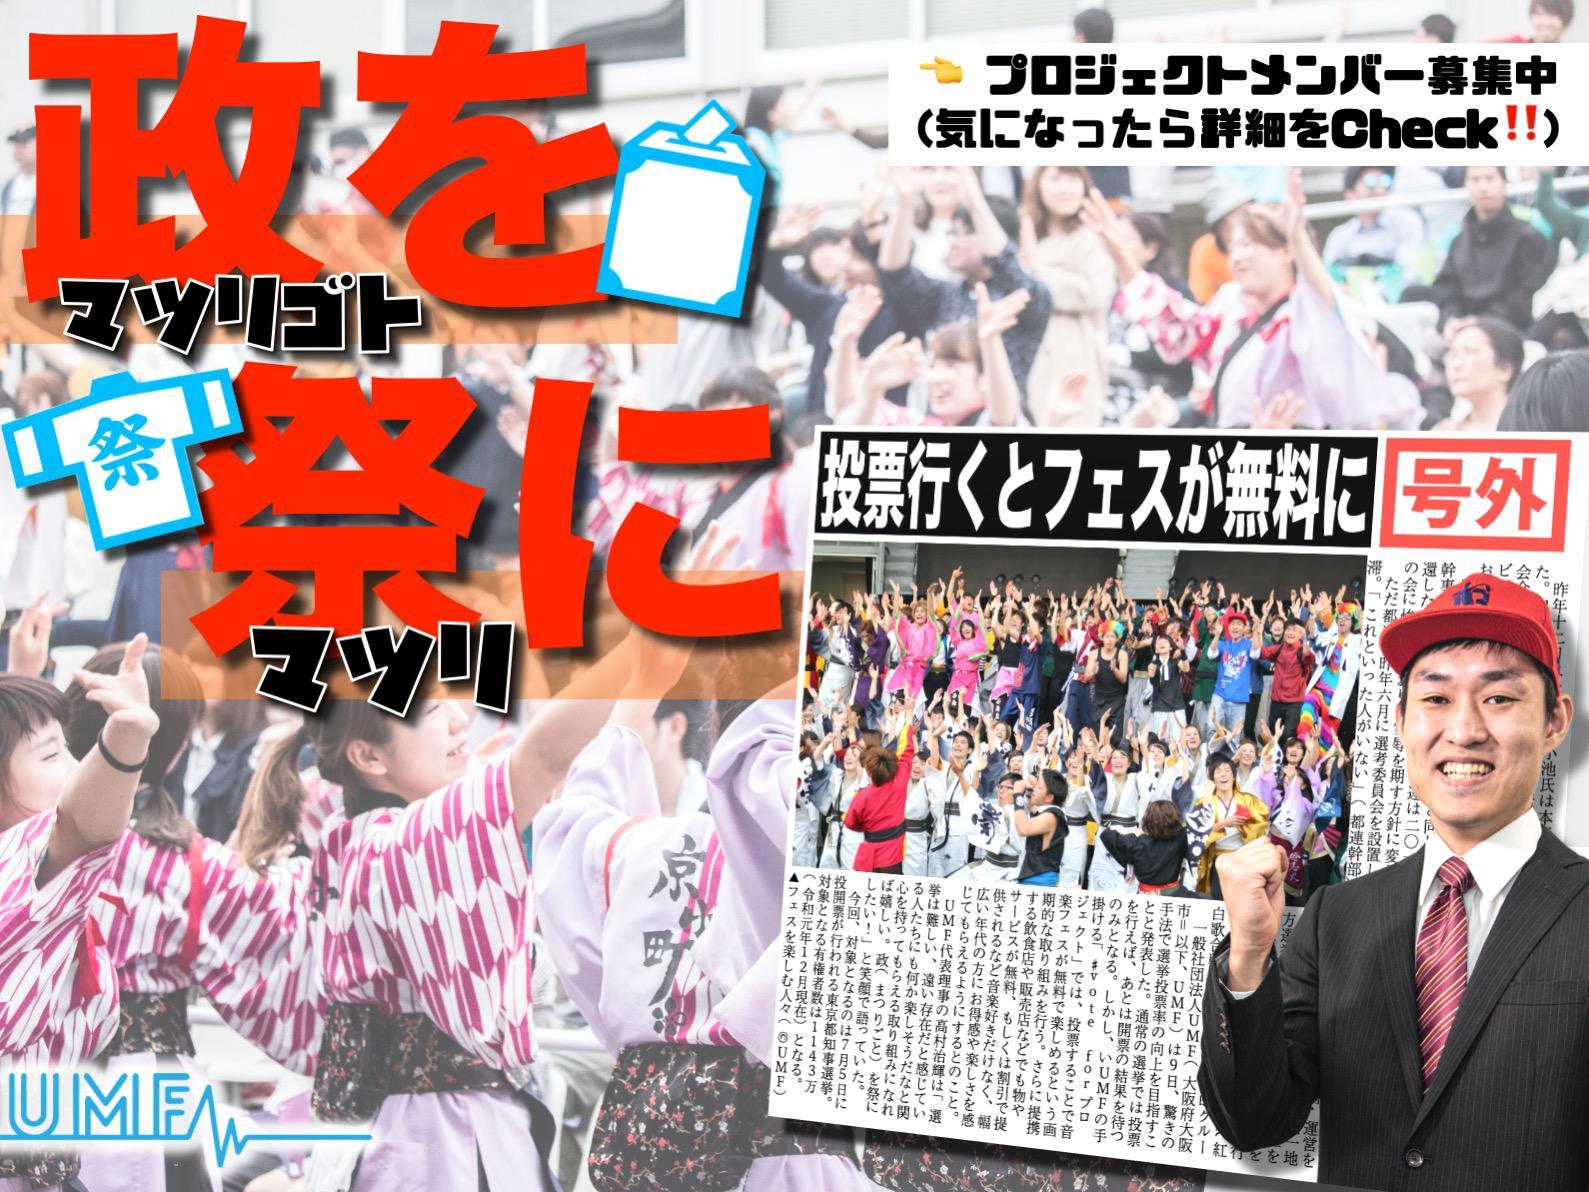 【選挙をお祭りに!】7/5の東京都知事選挙をお祭りに変えるプロジェクトメンバー募集!!